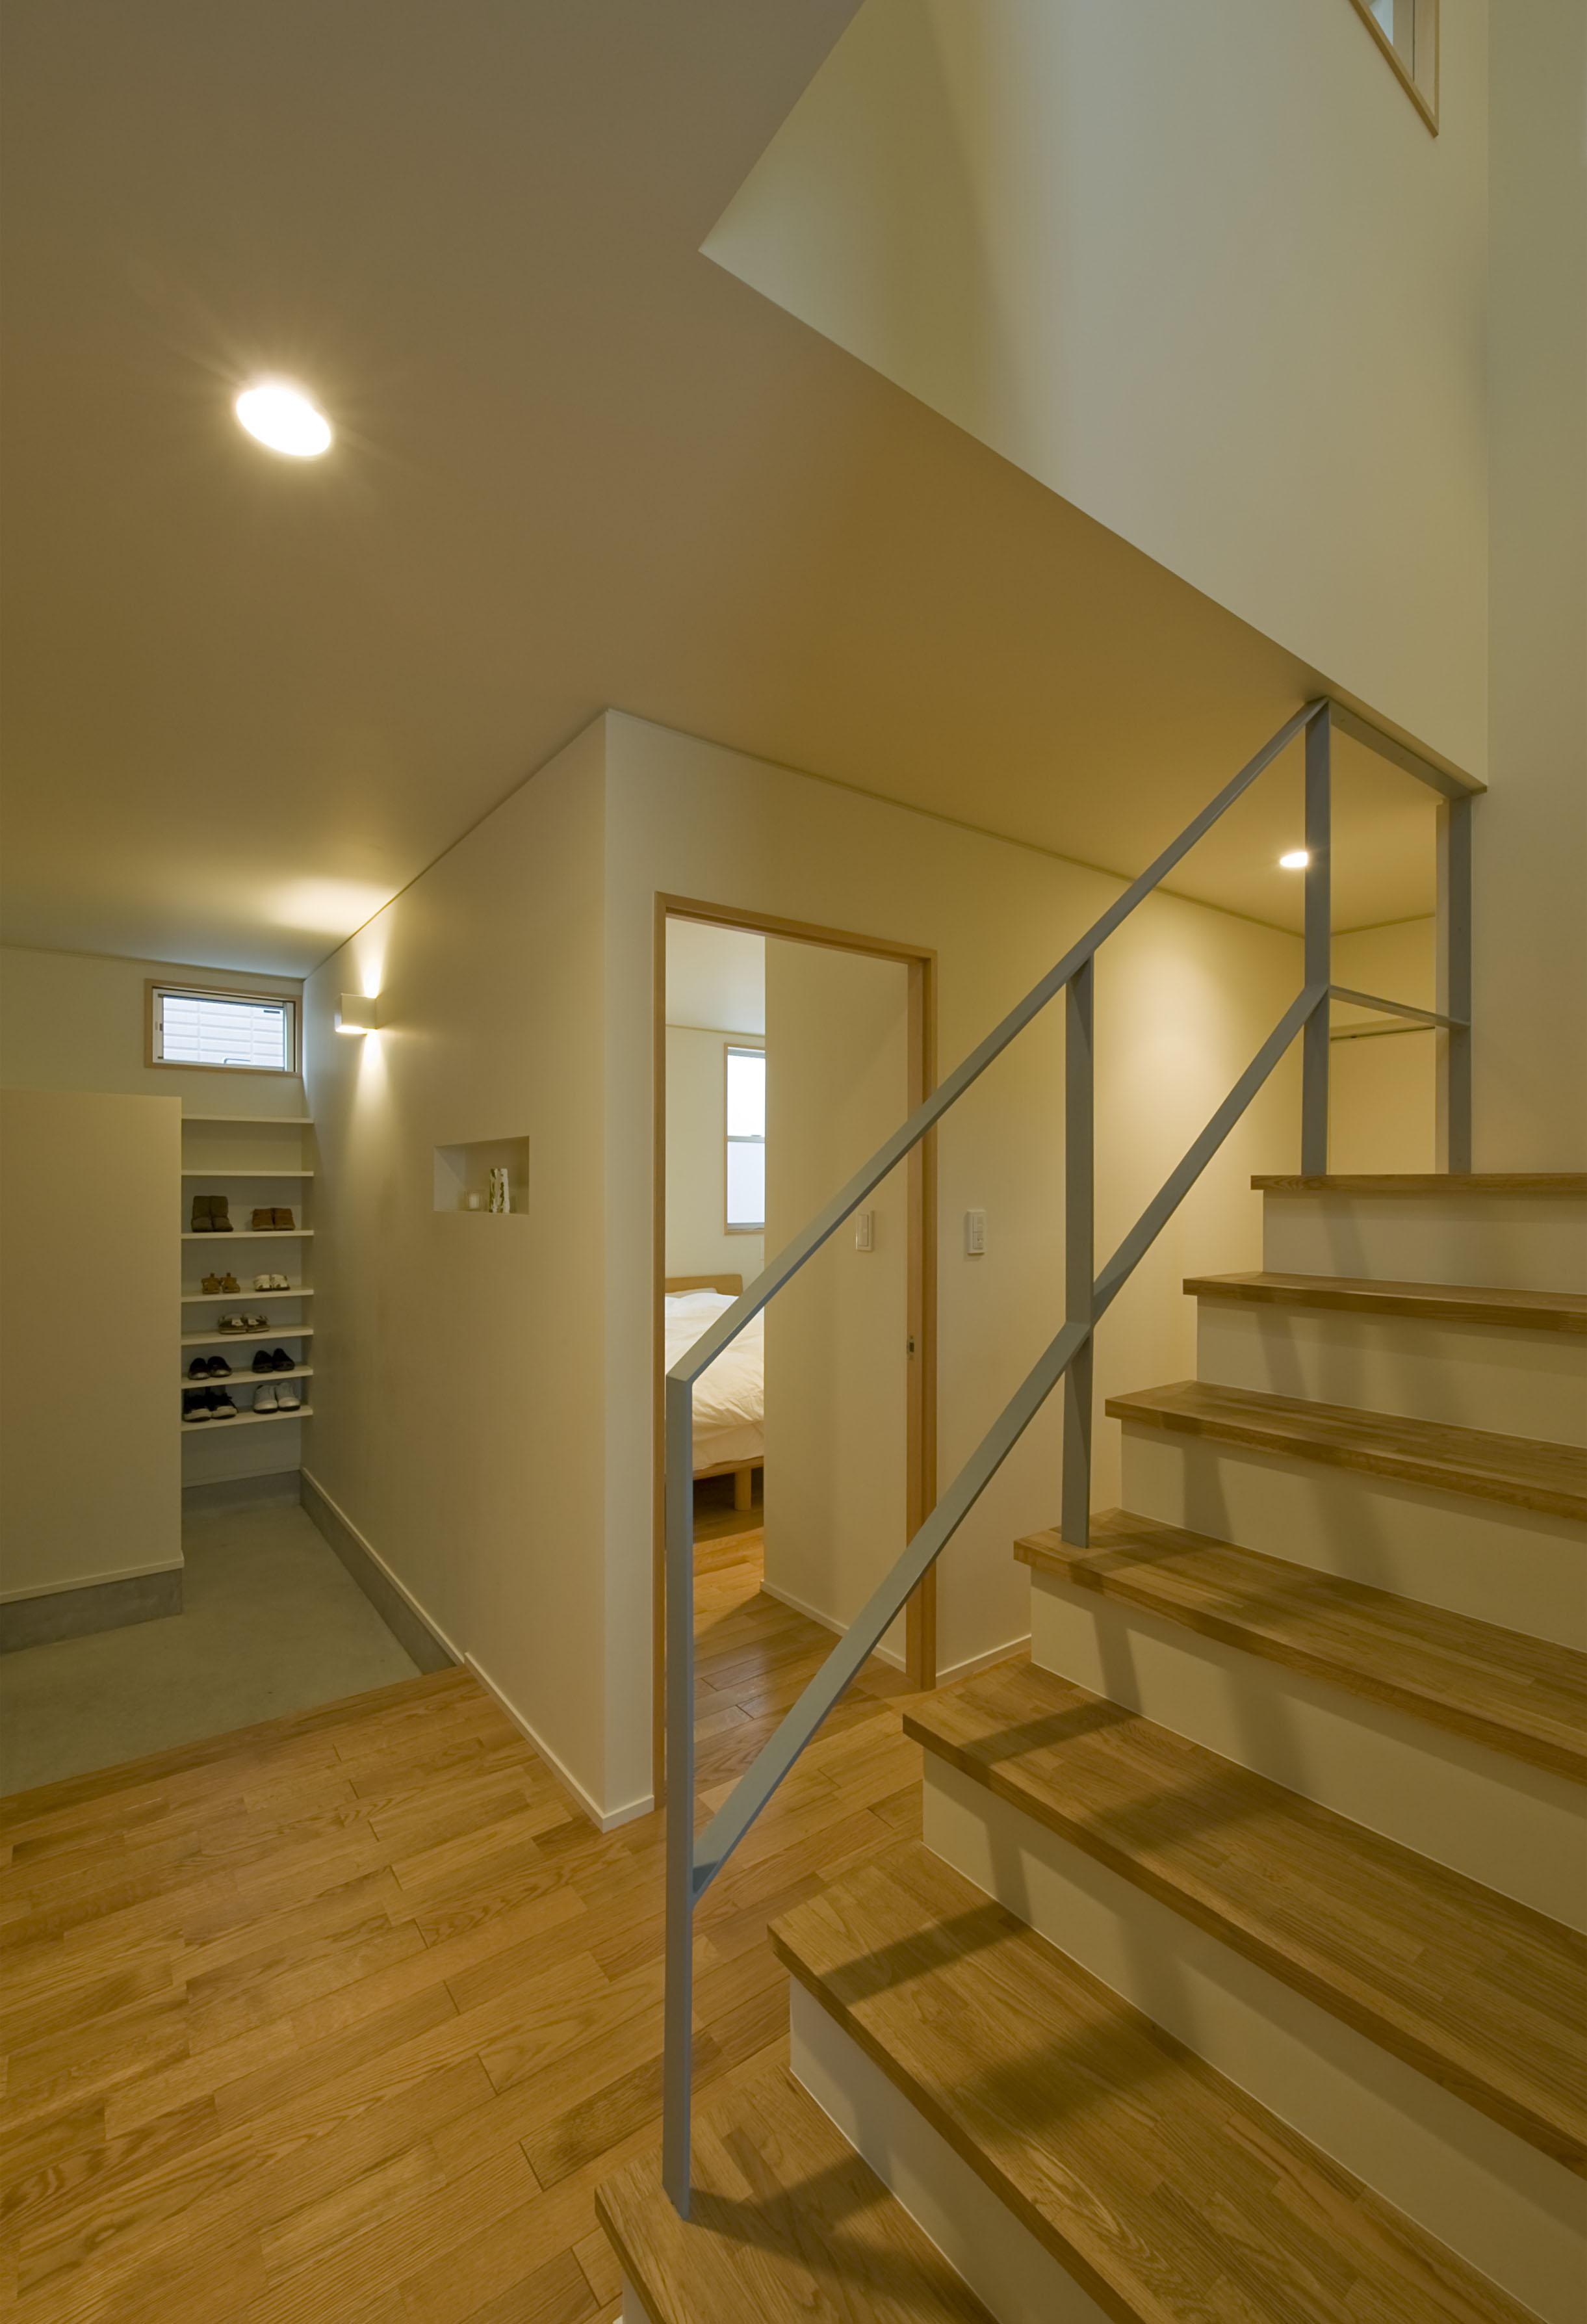 2階が生活拠点のシンプルな家の写真 1階階段まわり